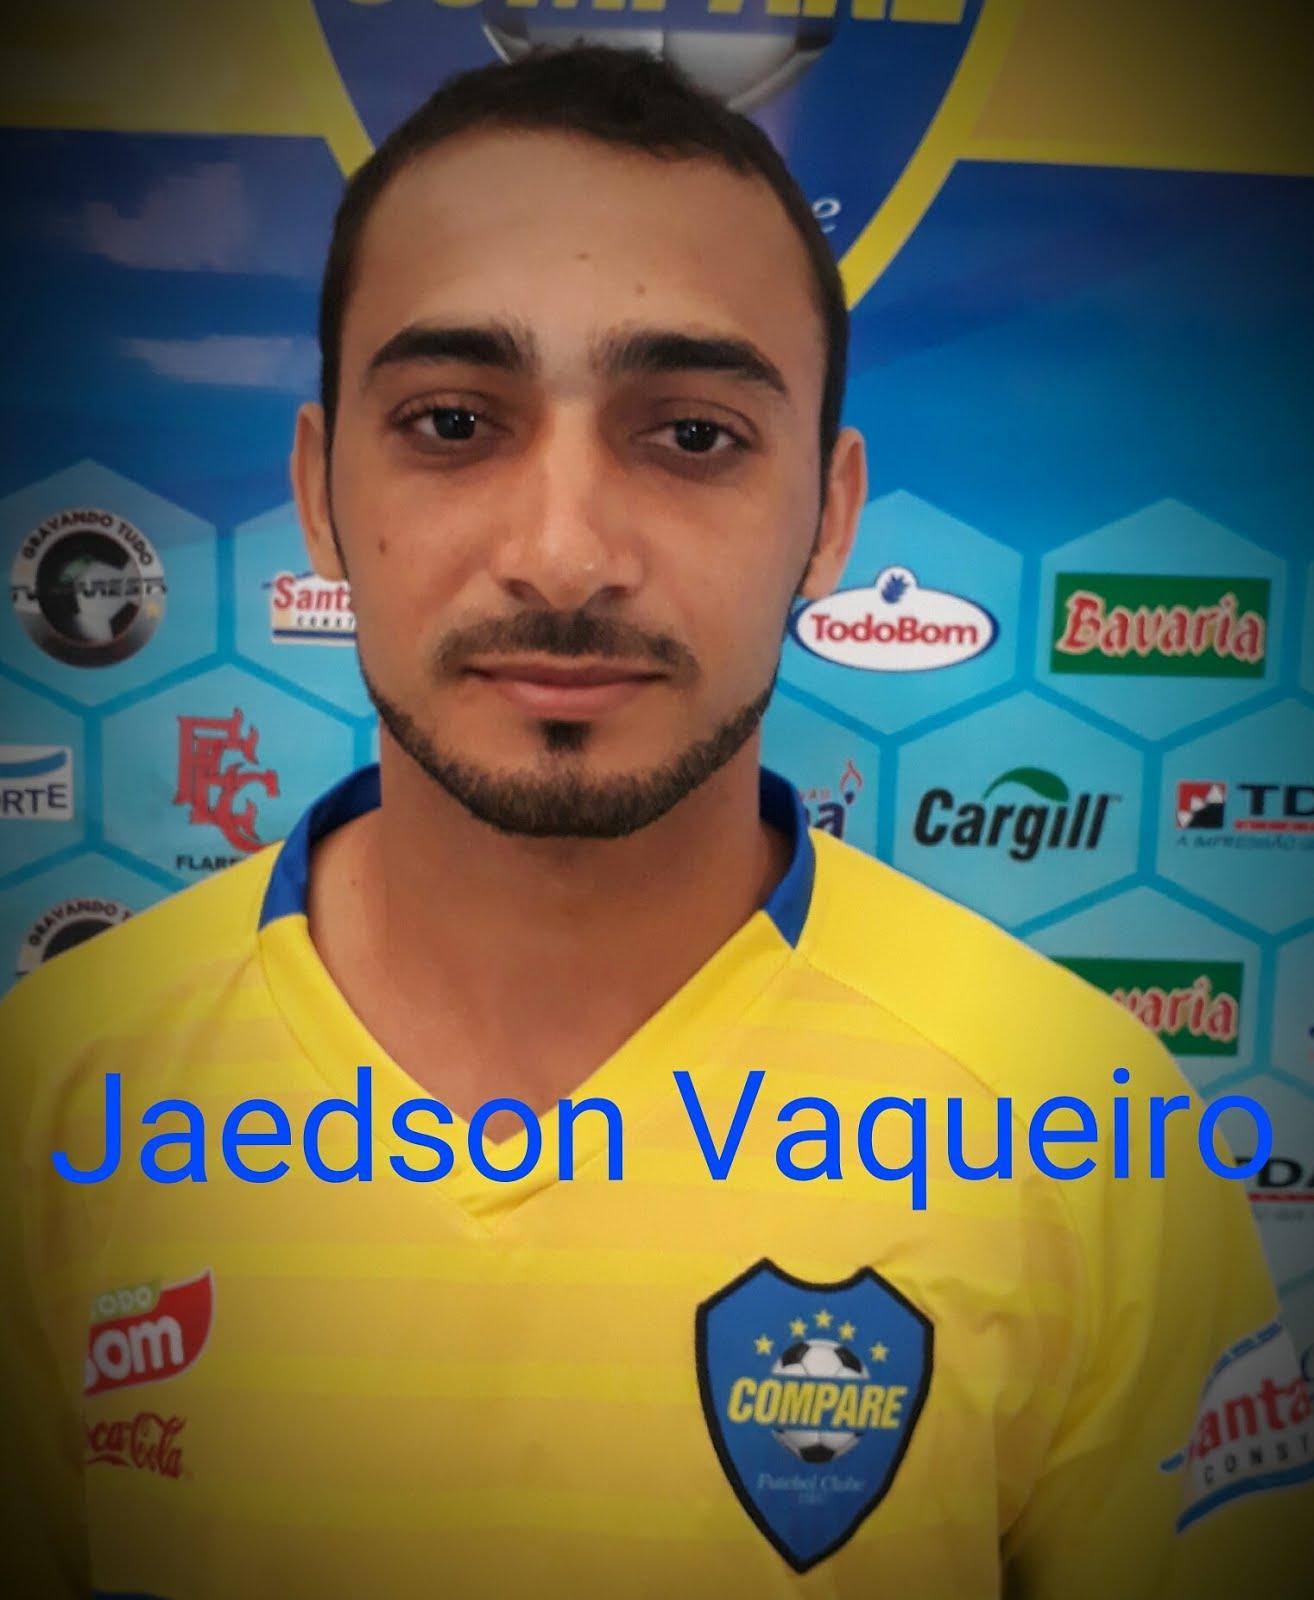 Jaedson Vaqueiro